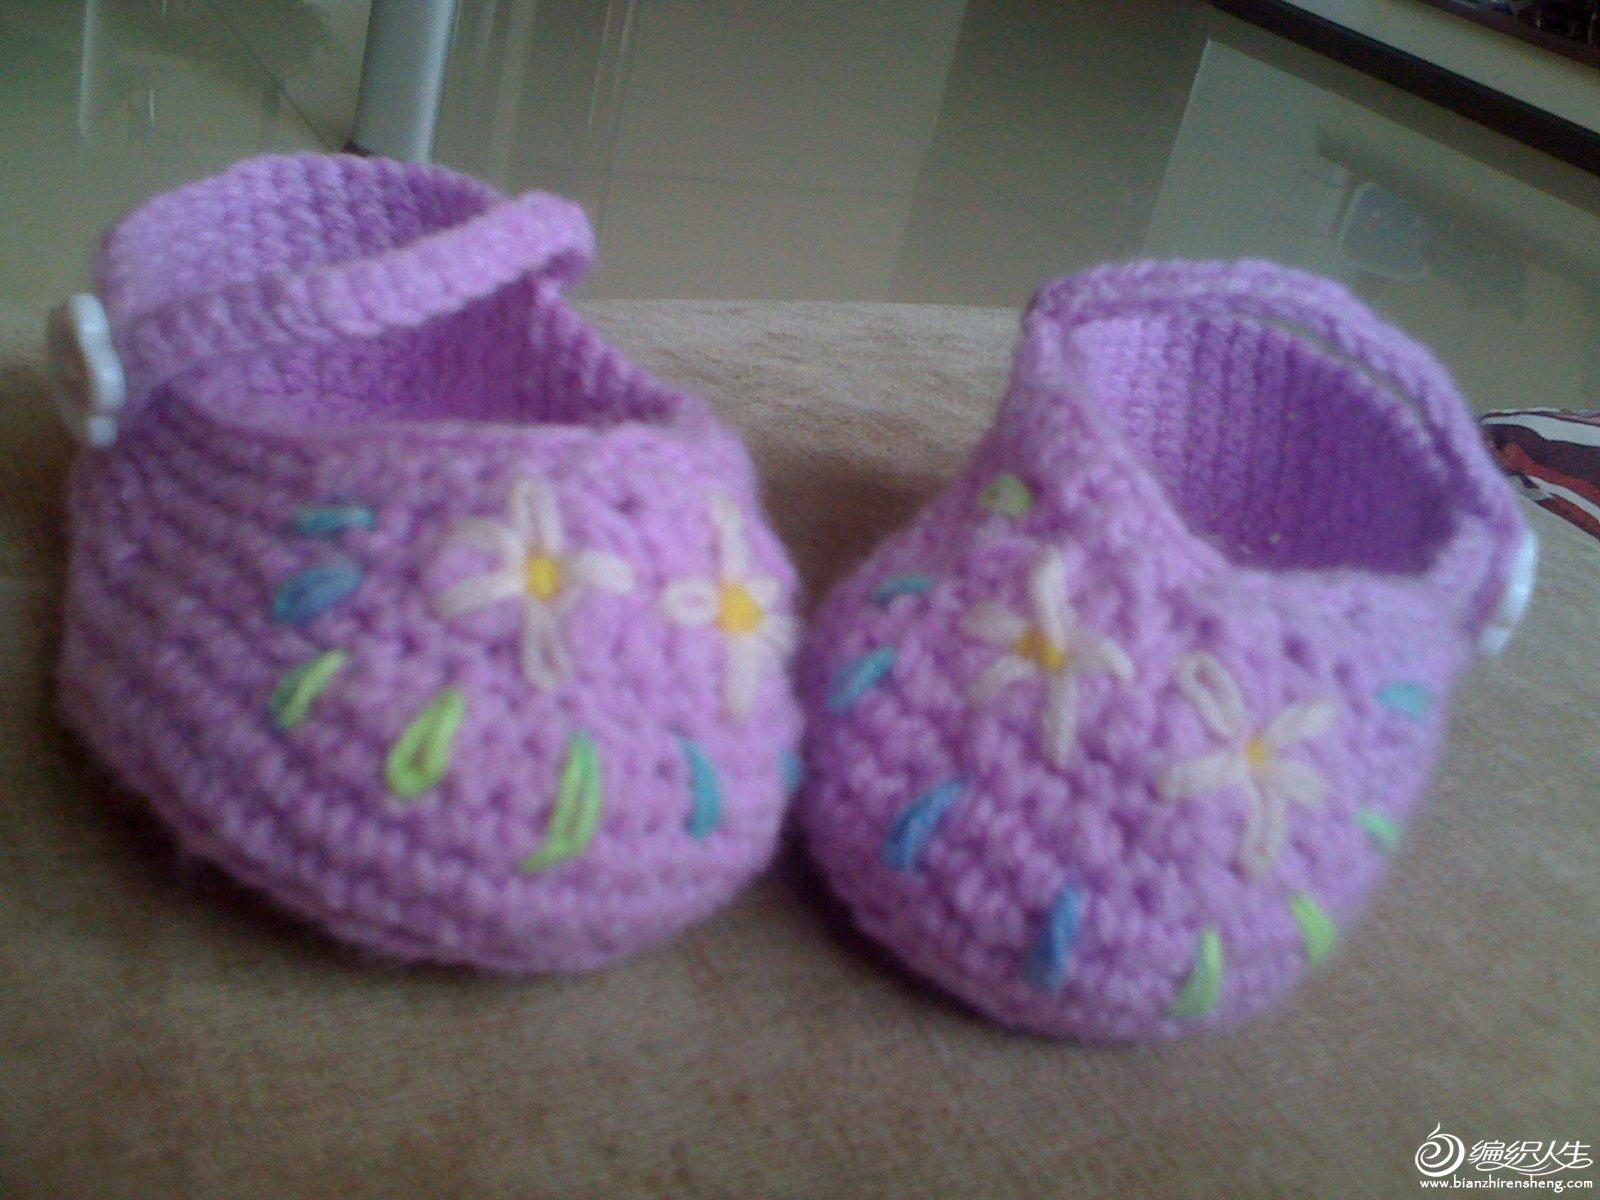 较早时的小鞋子。